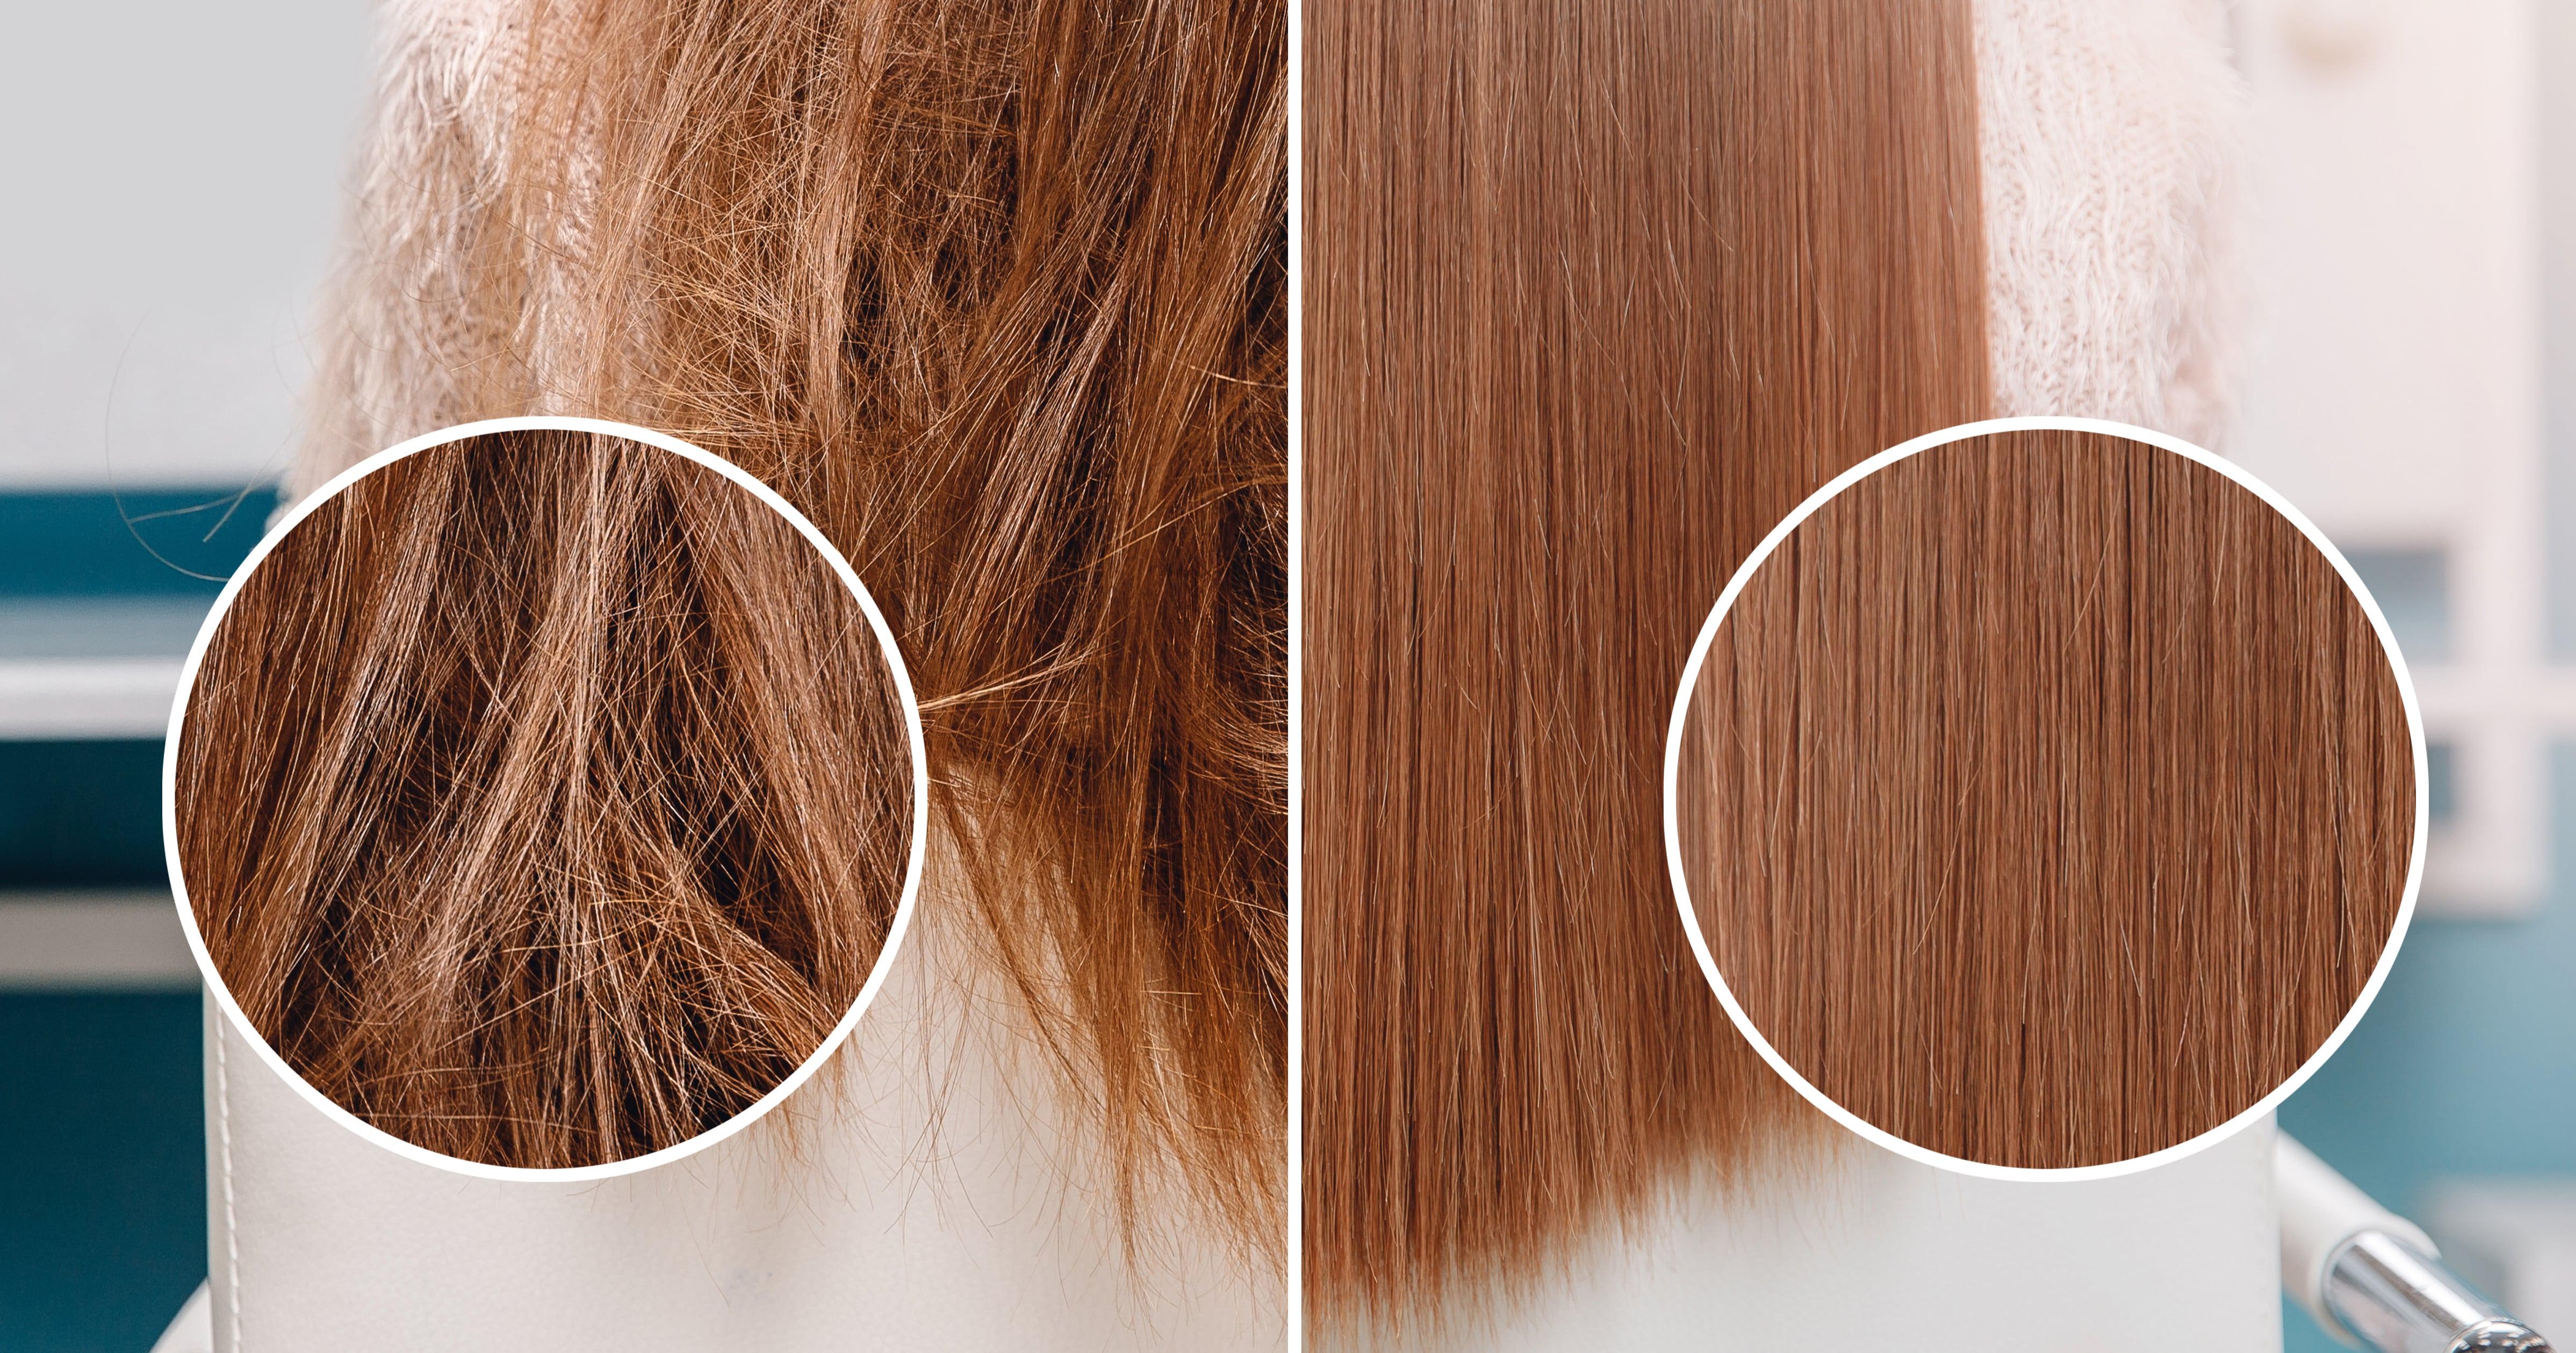 Trattamento per capelli alla cheratina: tutto quello che c'è da sapere